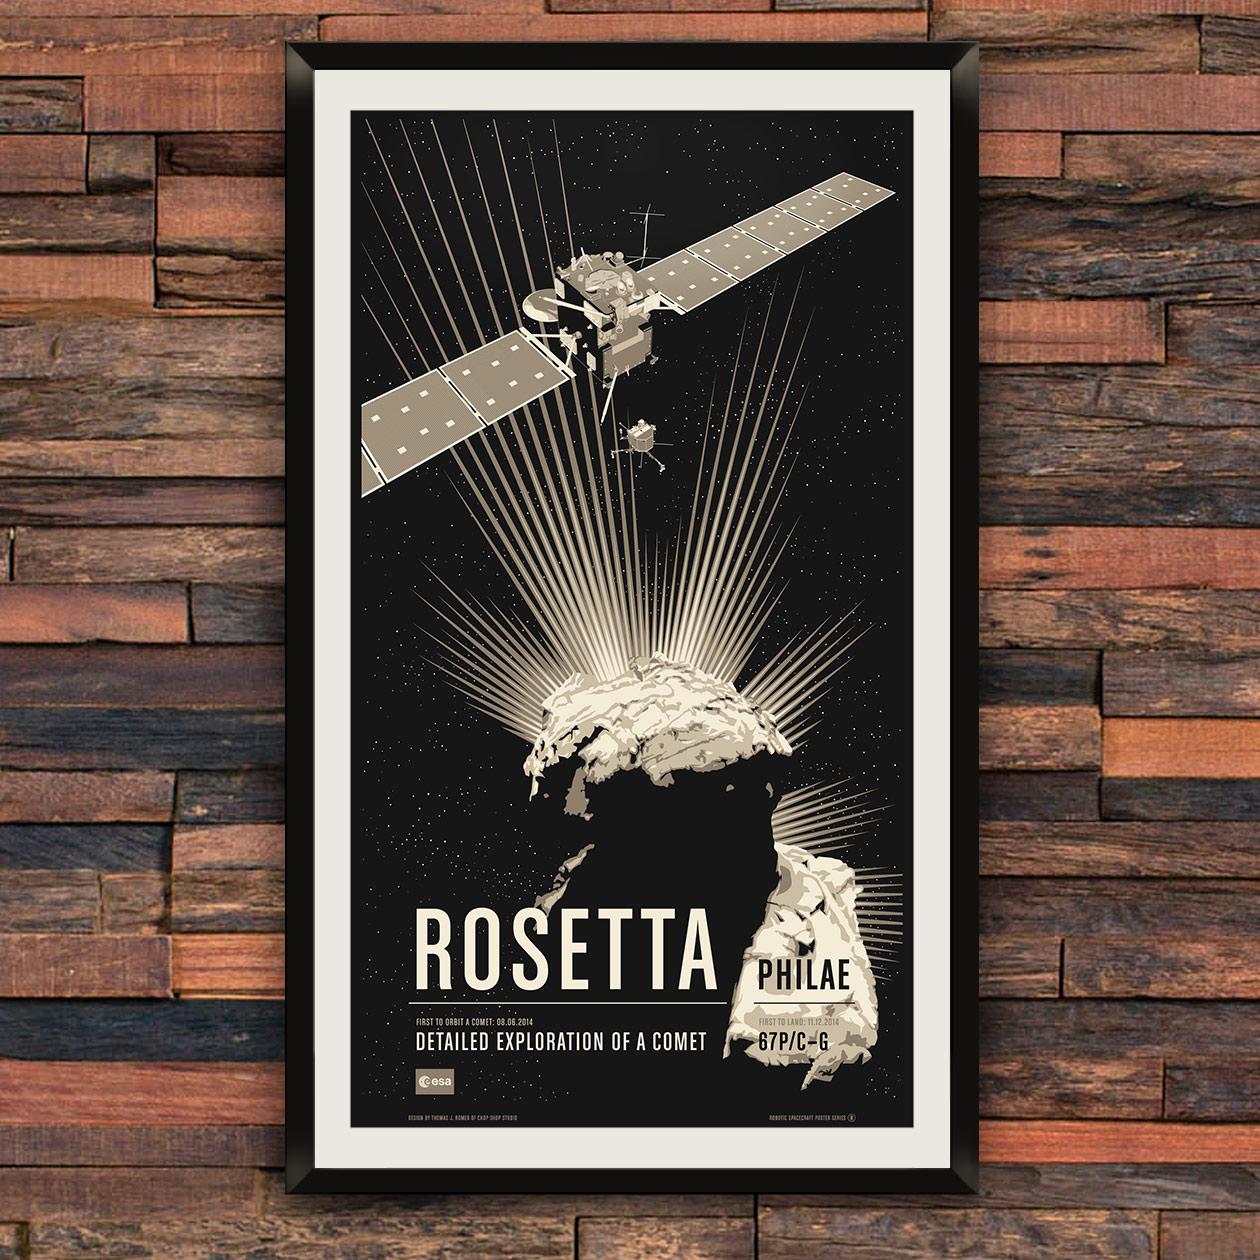 hrss-rosetta-main-1260.jpg